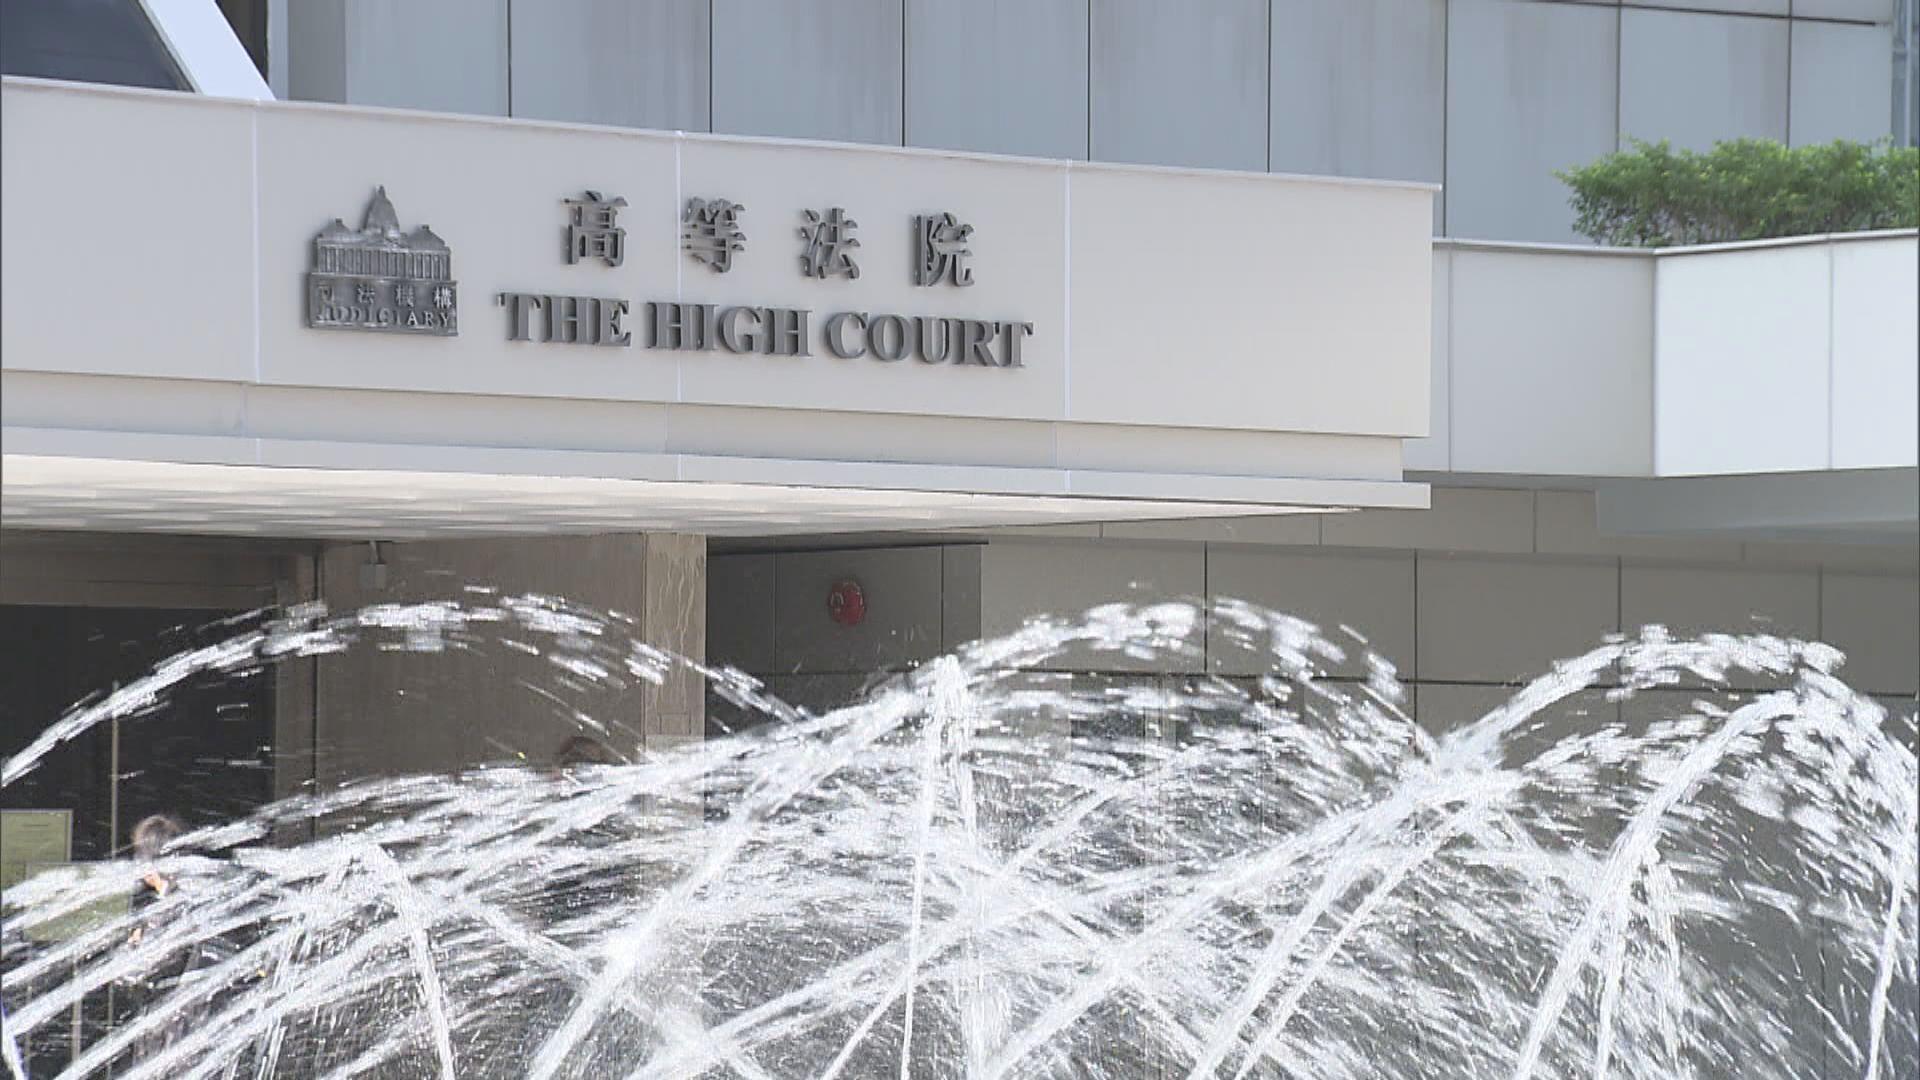 法院及審裁處本月17日至23日聆訊延期至另行通知